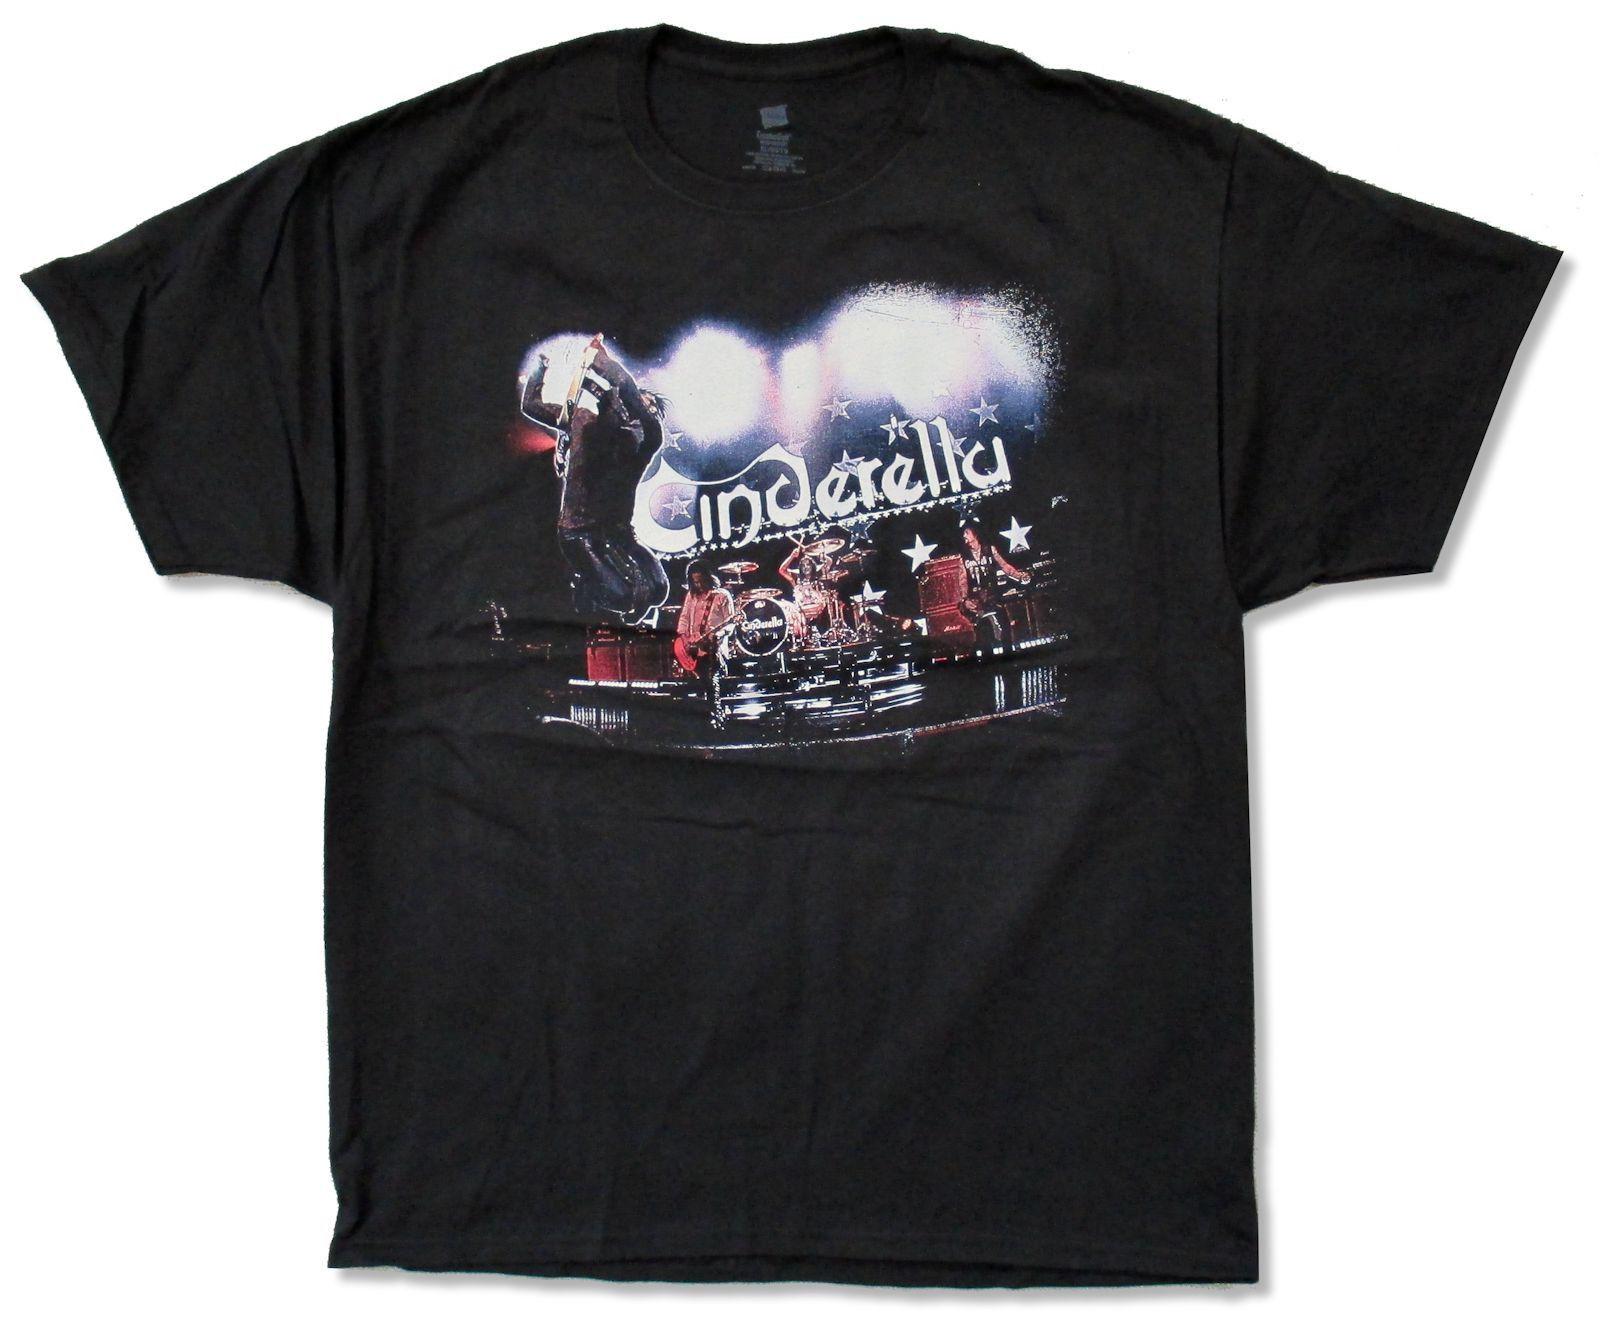 Hysteria T-shirt Hohe QualitäT Und Preiswert Musik Def Leppard Shirts & Hemden